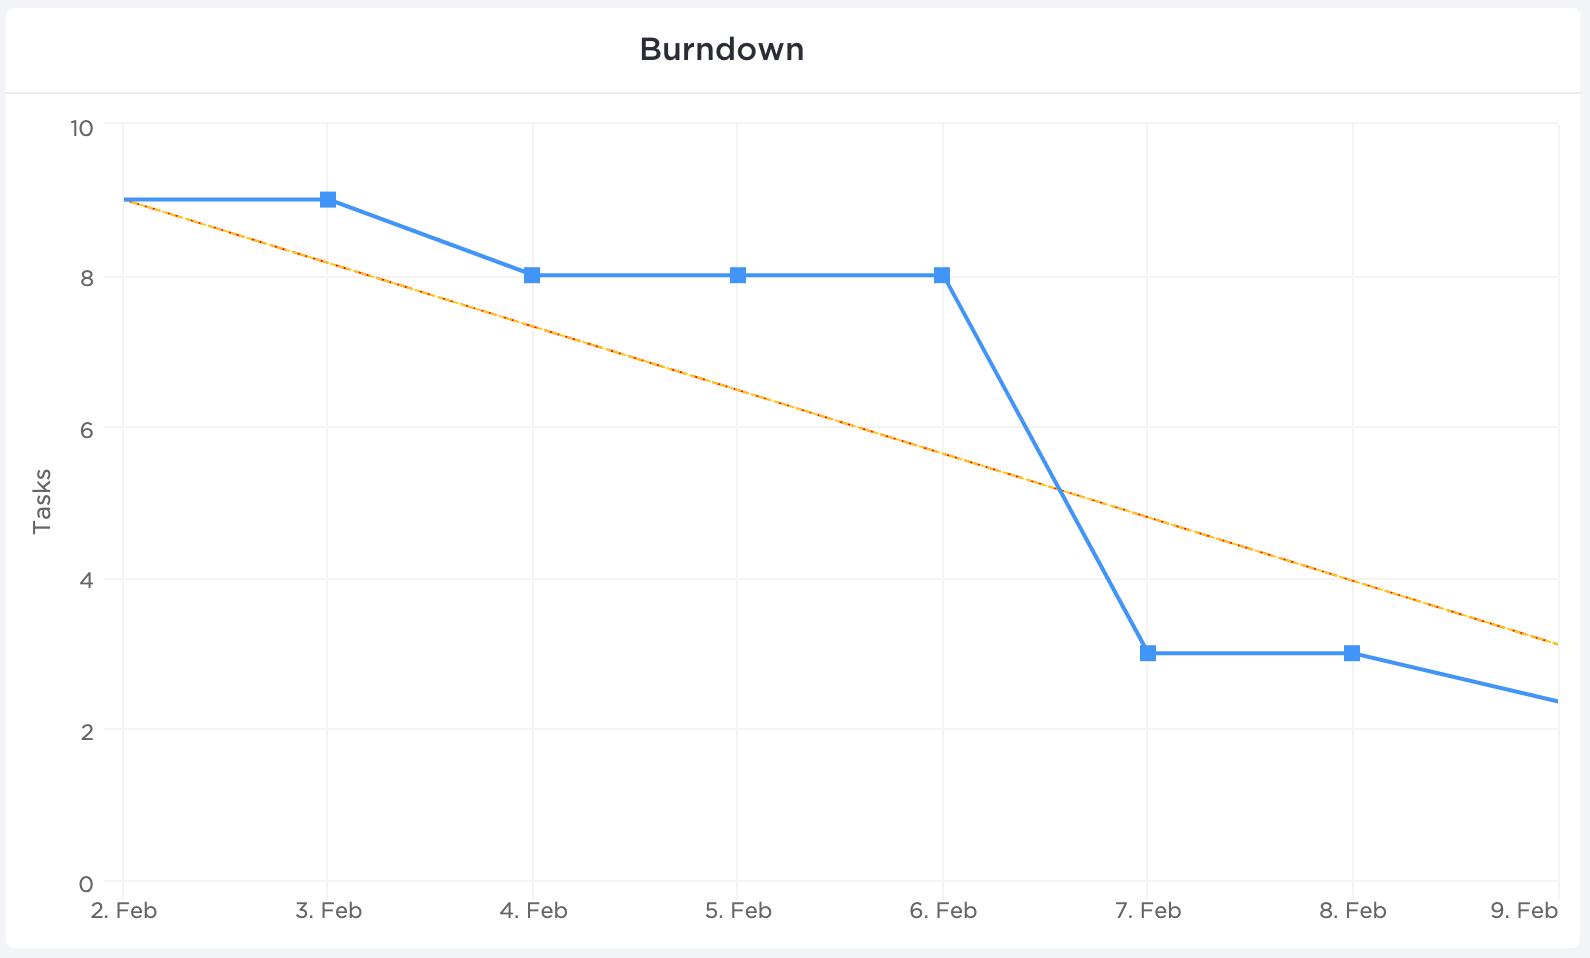 february burndown chart in clickup